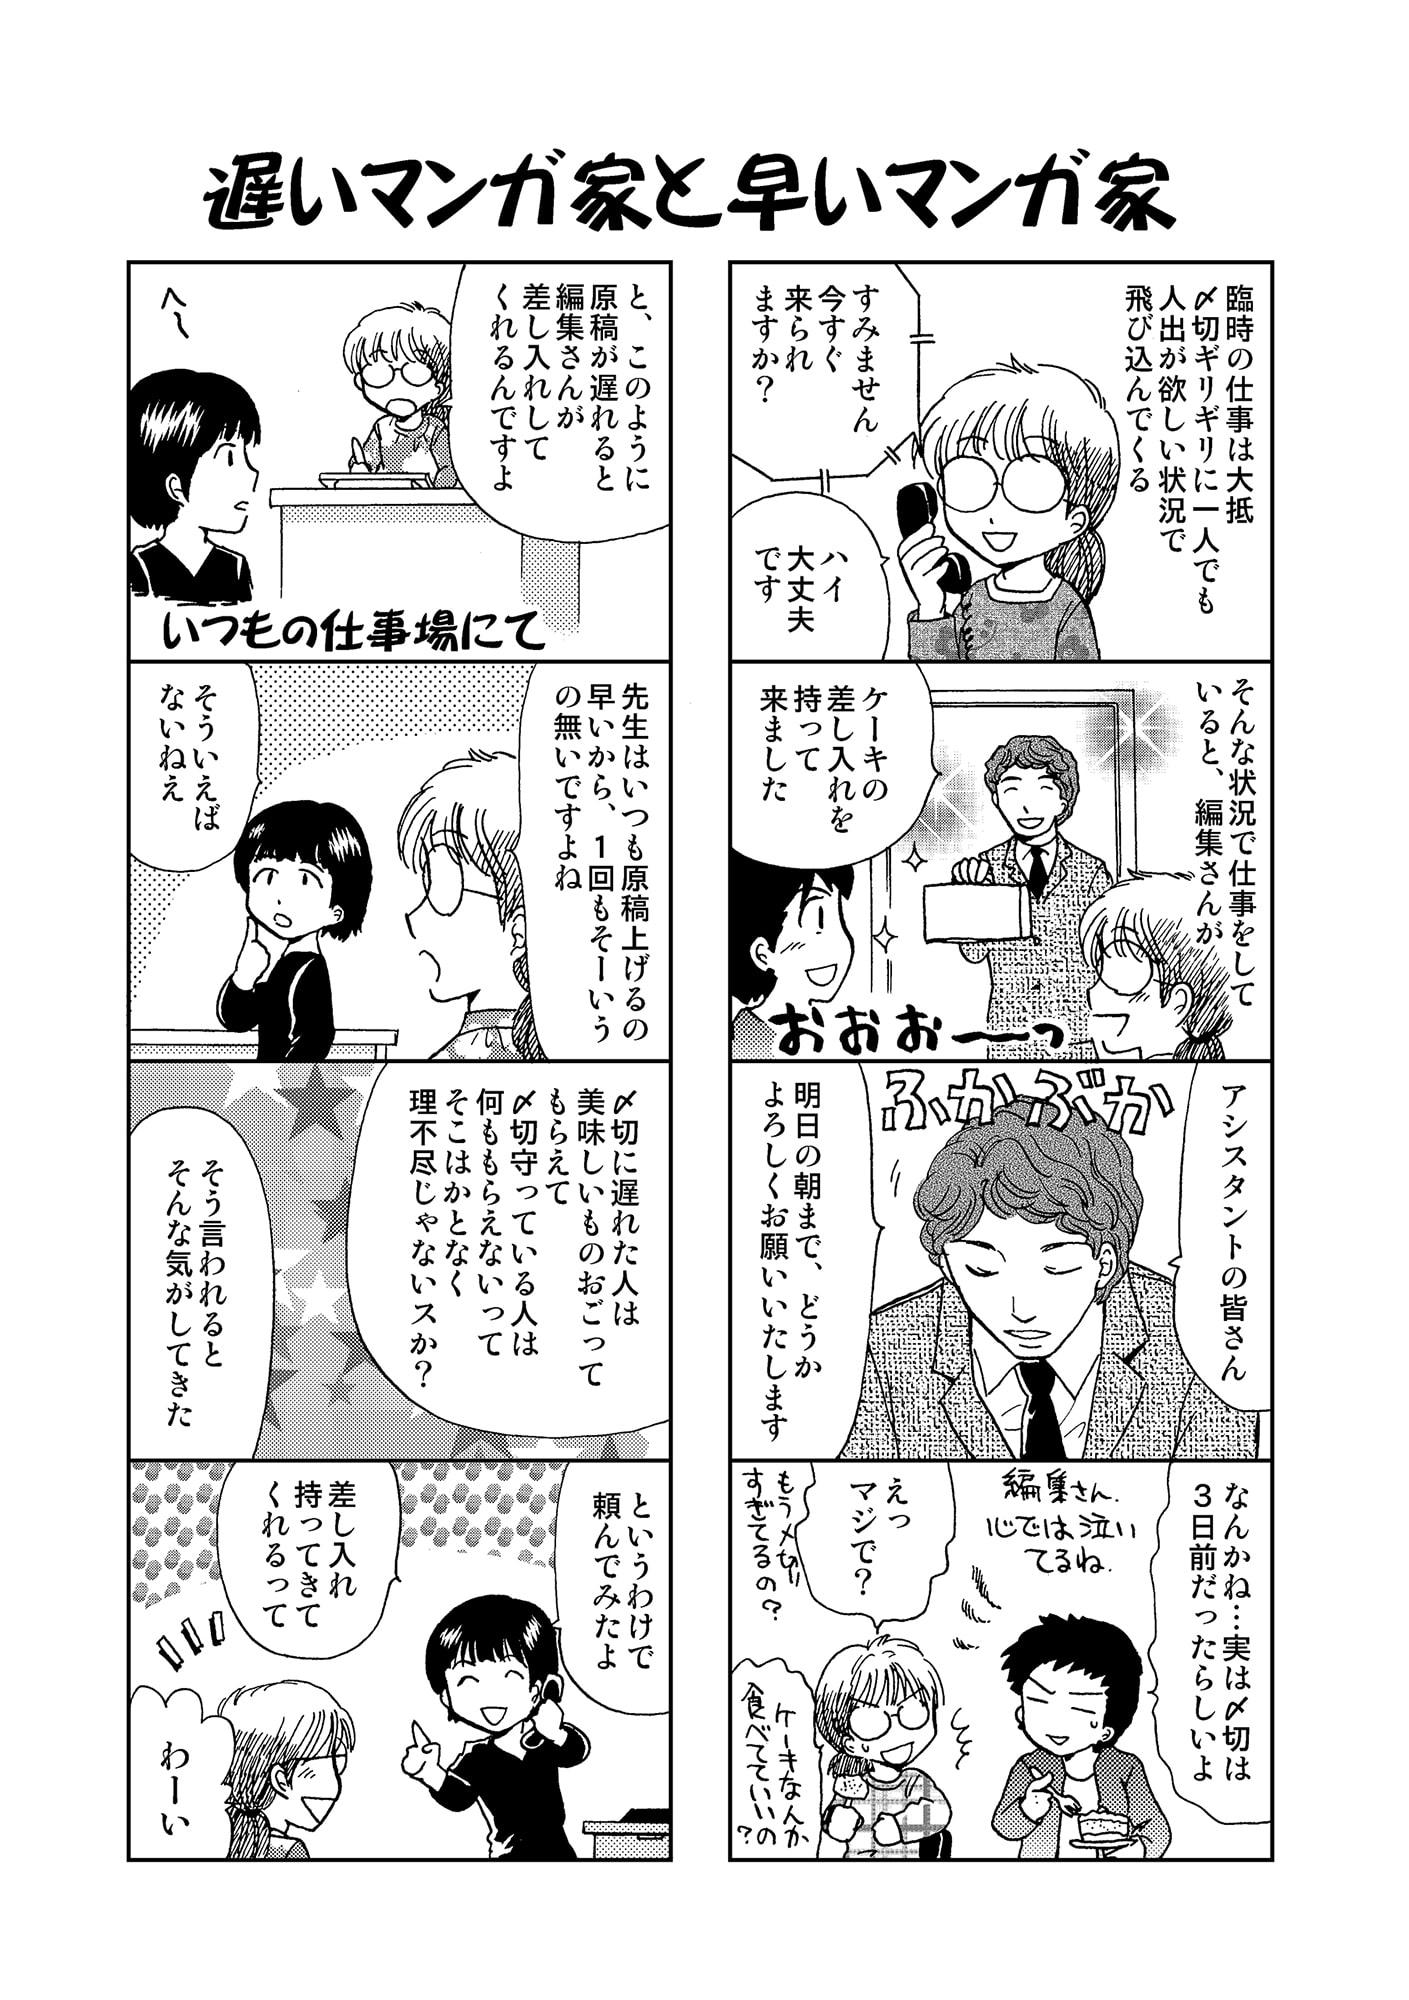 日常のあなた2009~2011総集編(1) 漫画アシスタント道と3.11地震の話